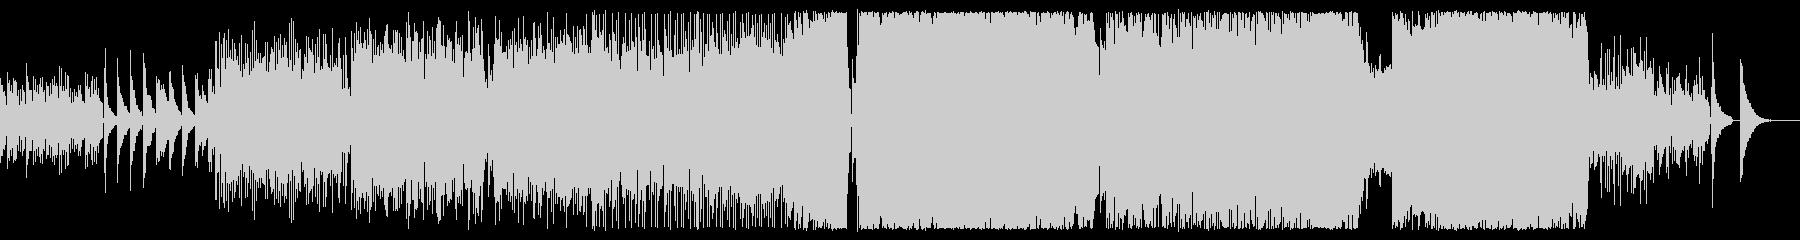 癒しアコギから始まる3拍子ロックバラードの未再生の波形